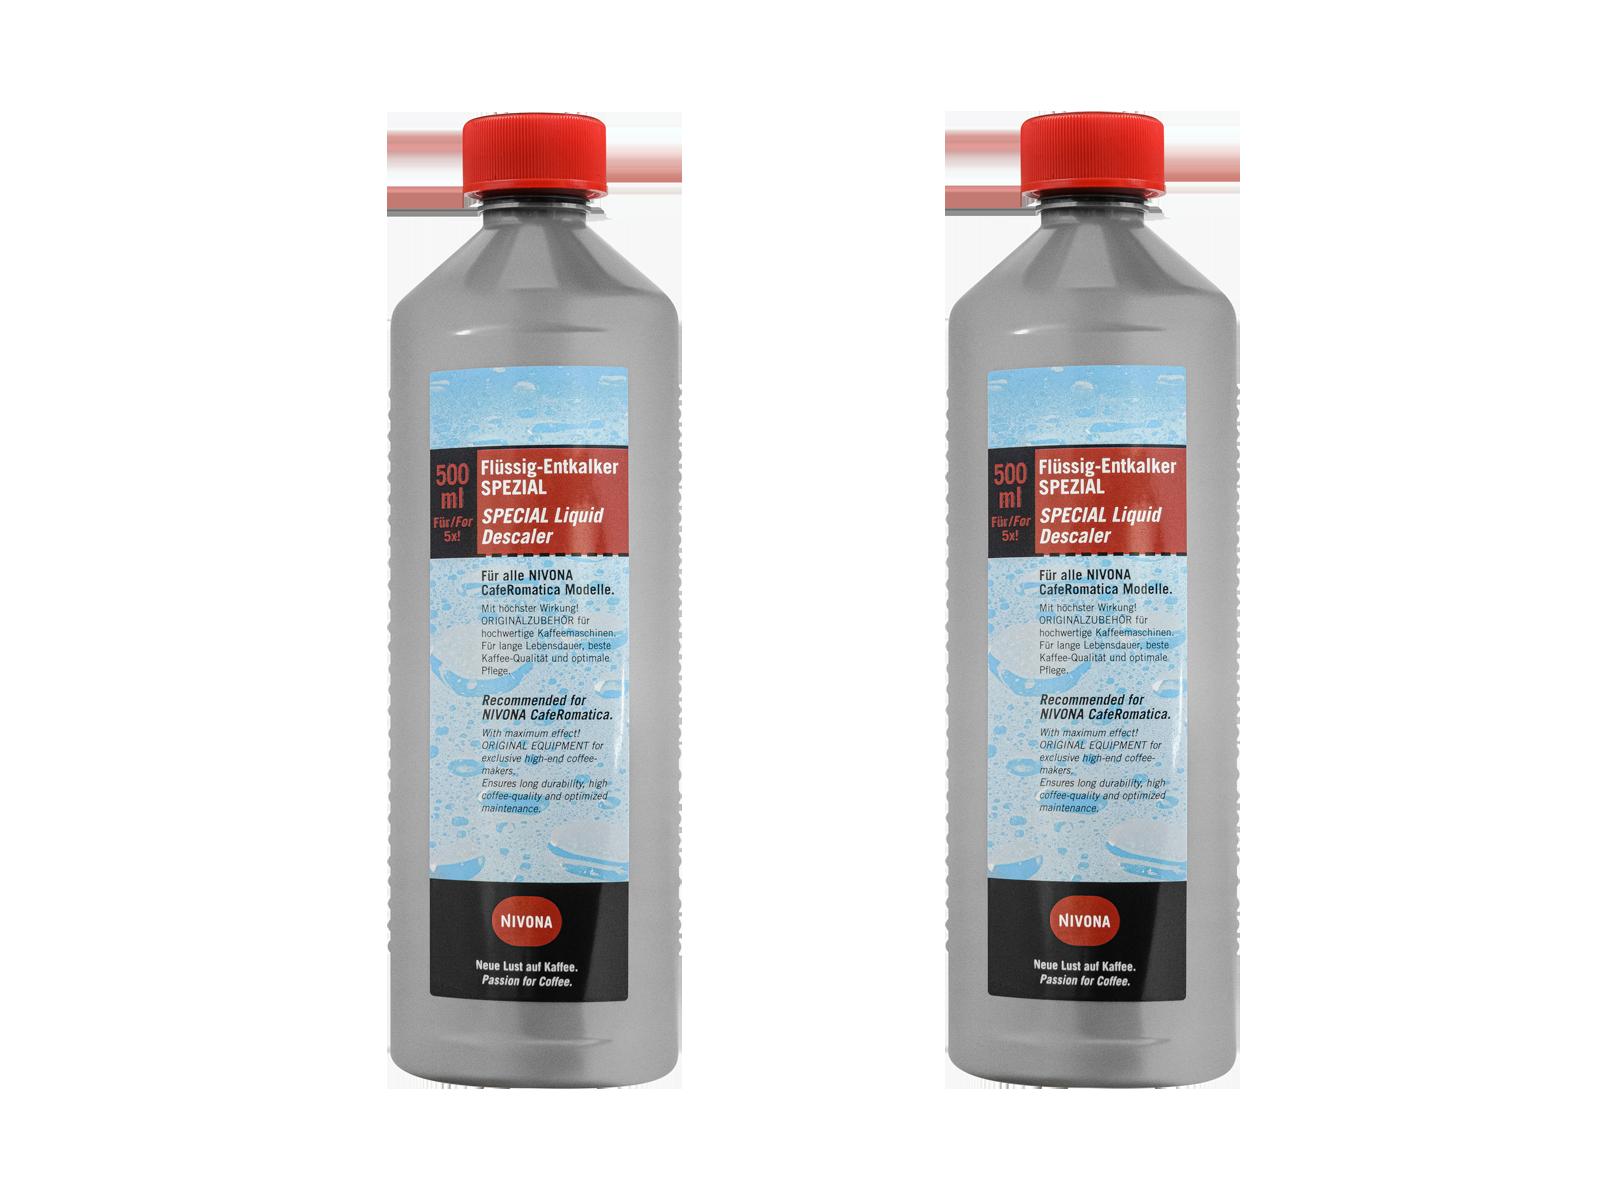 Жидкость для удаления накипи Nivona NIRK 703 2 штуки